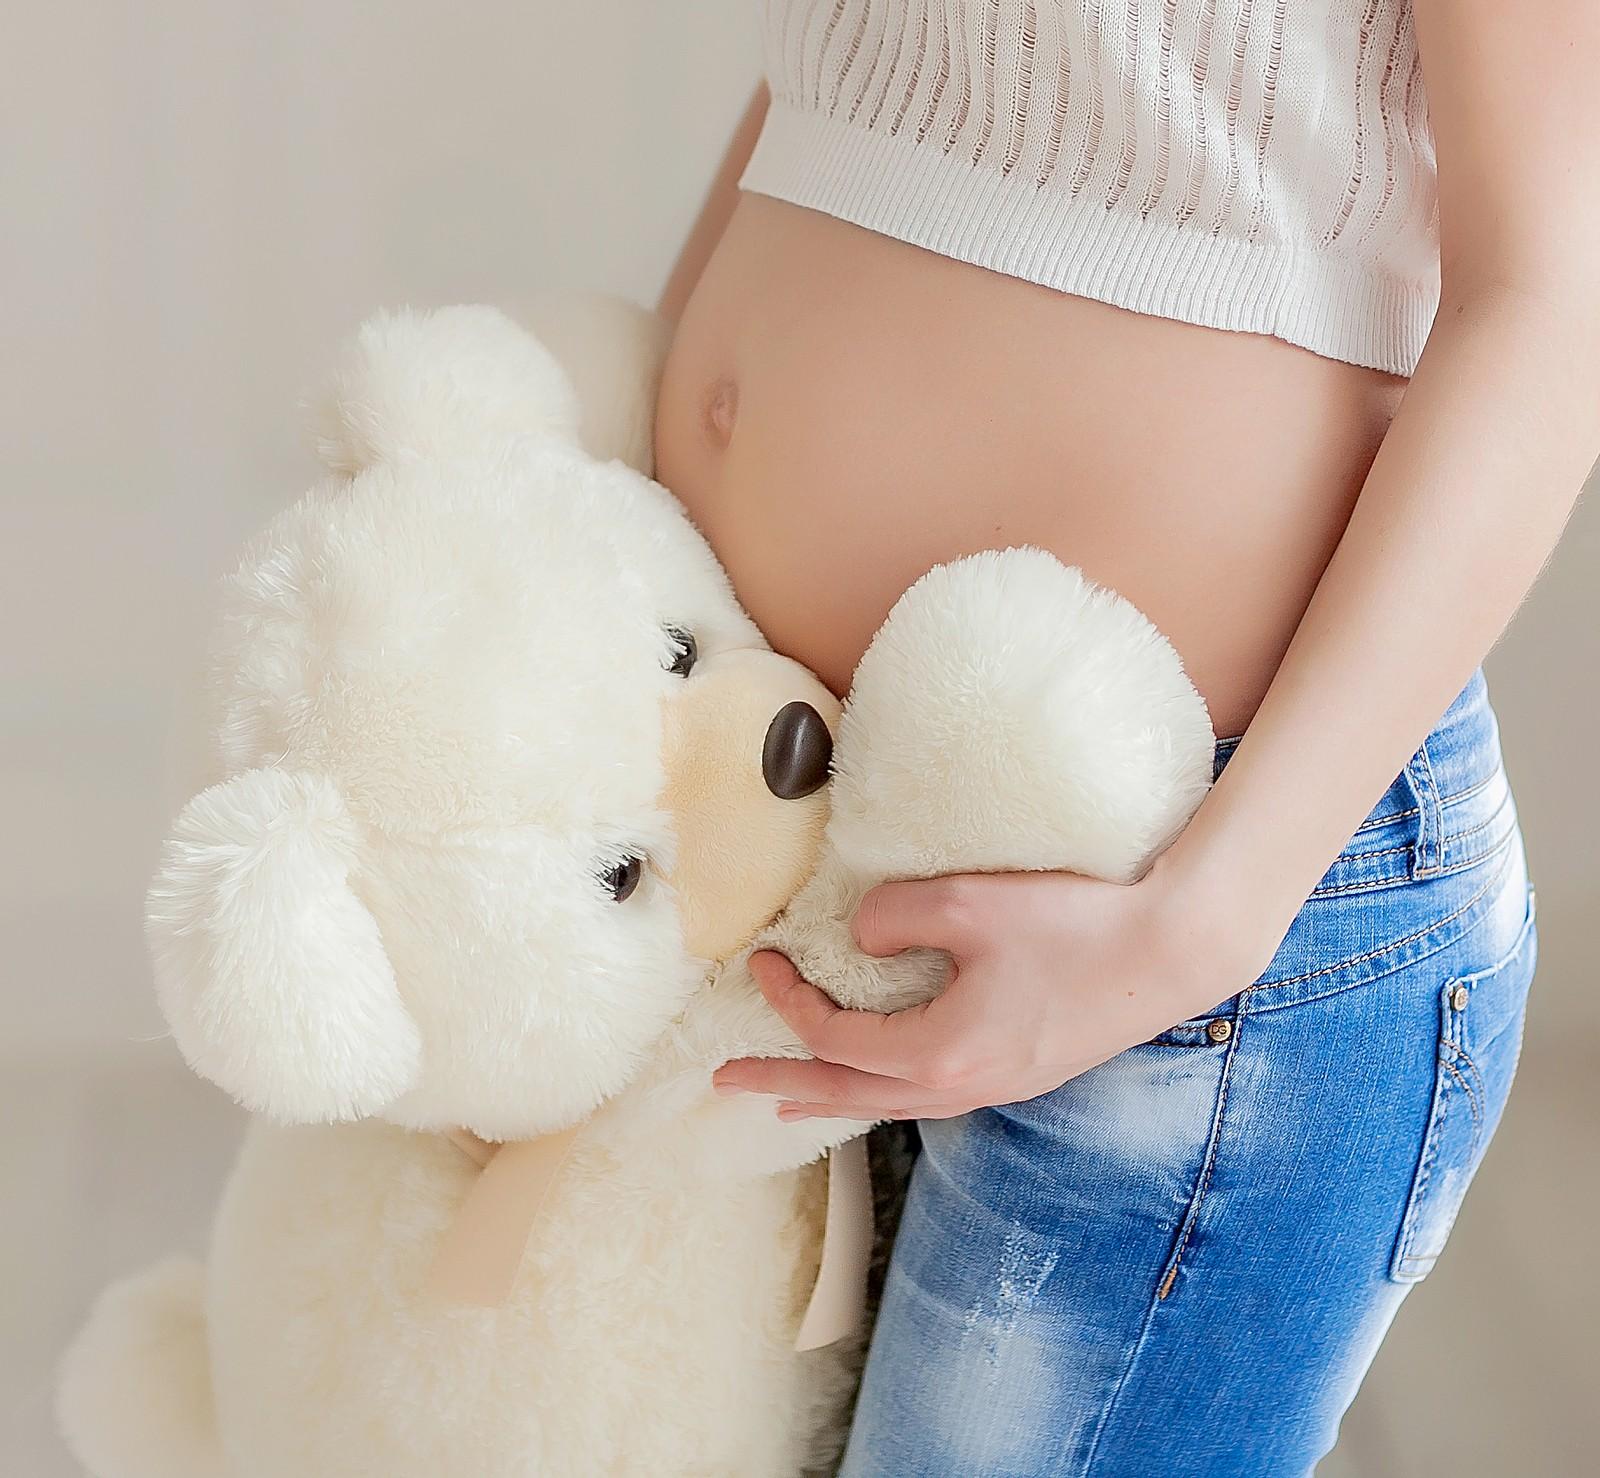 7 неделя беременности: ощущения, развитие плода, советы и рекомендации